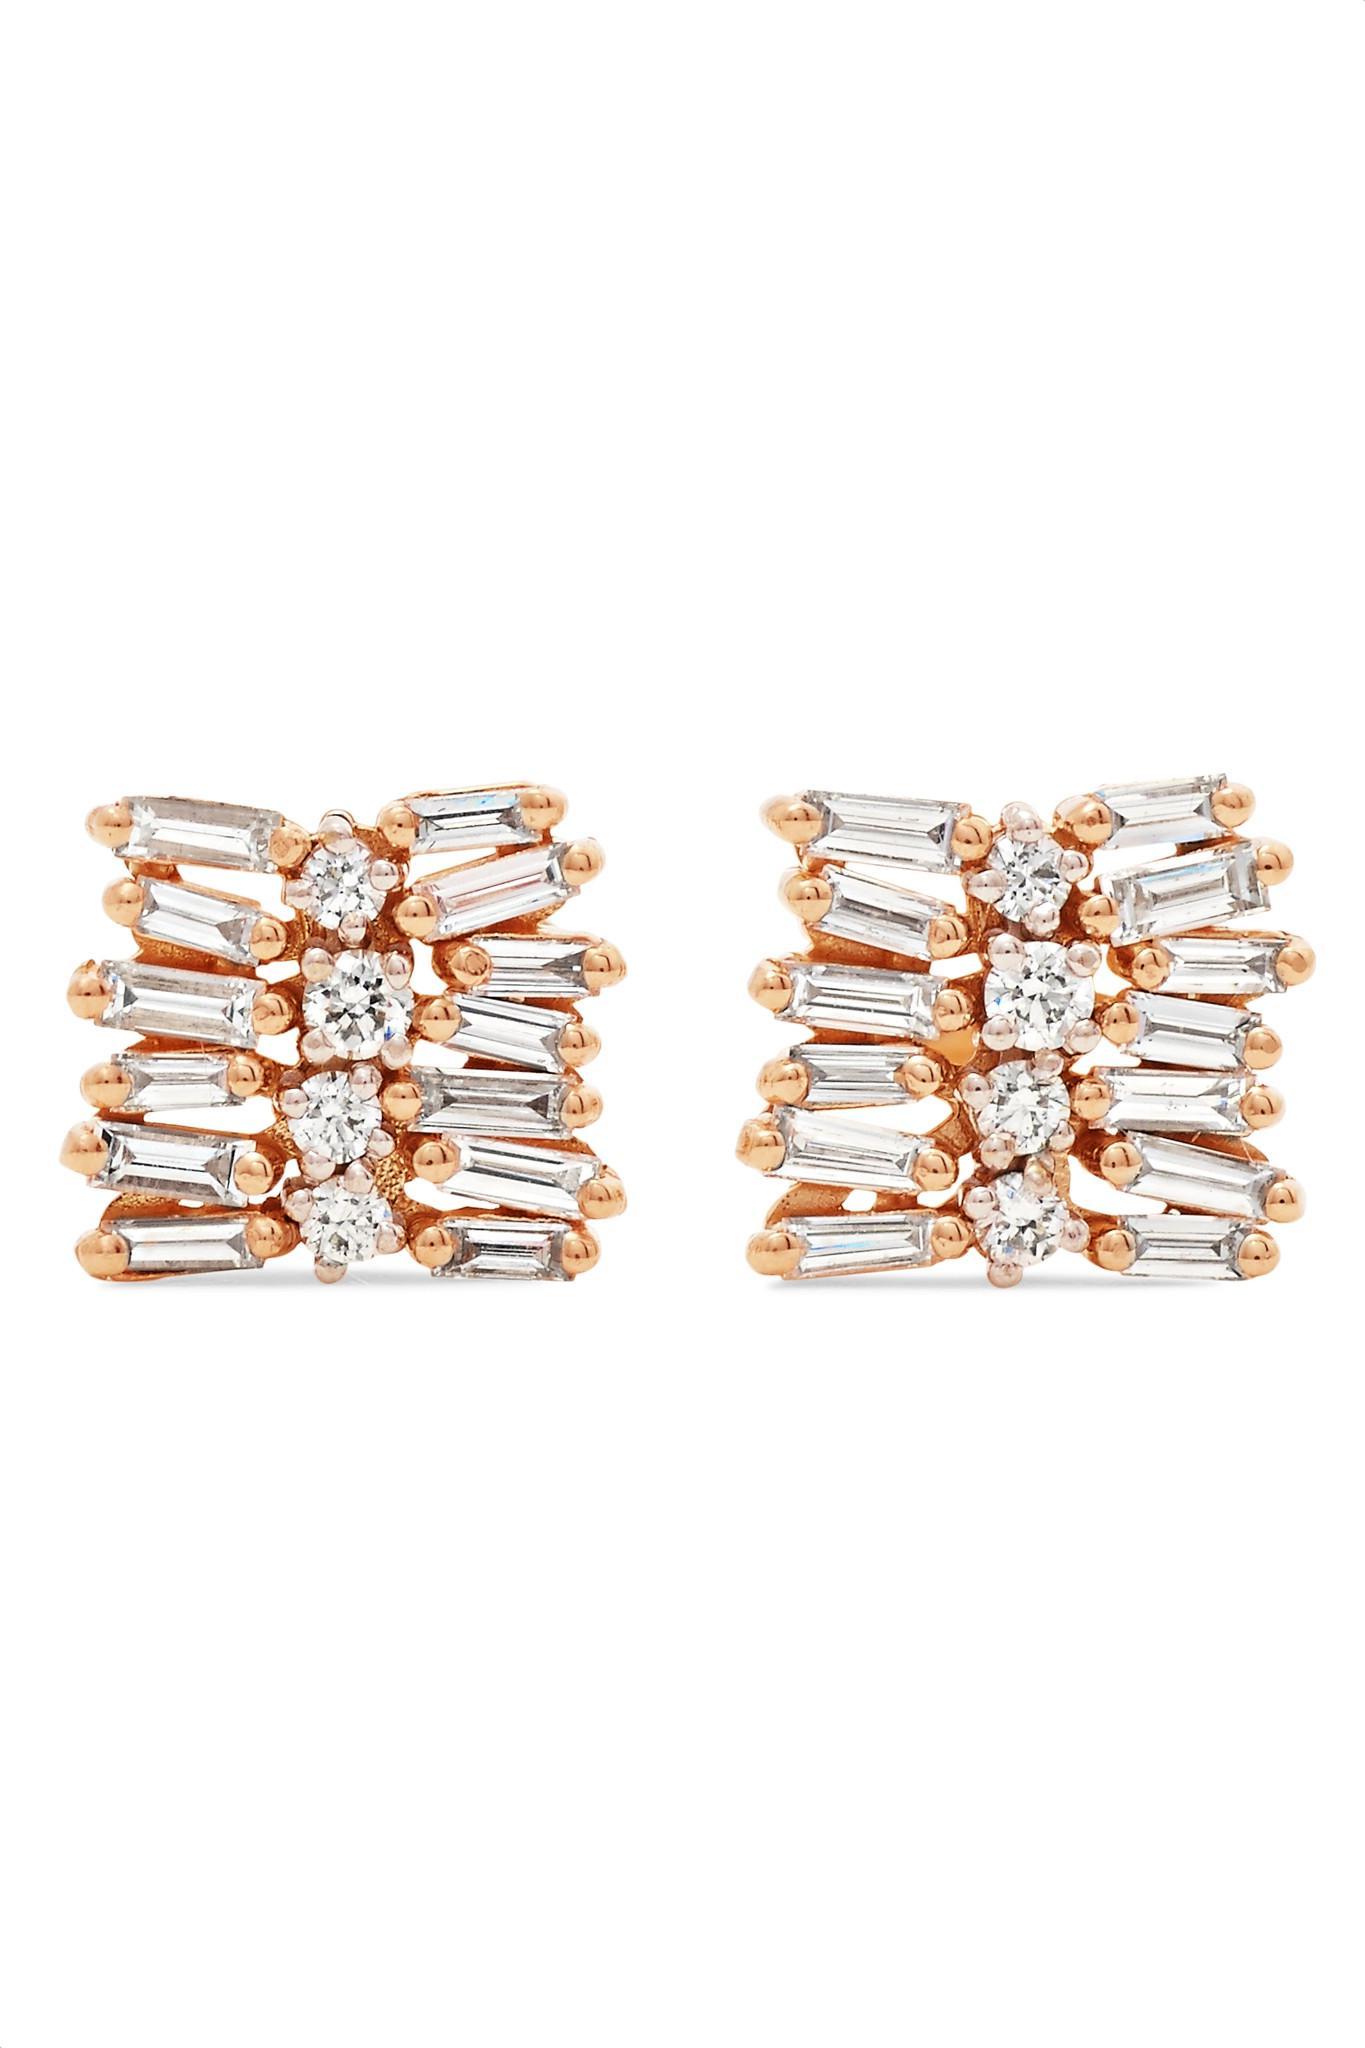 Suzanne Kalan 18-karat Gold Diamond Earrings iYkls1qml7